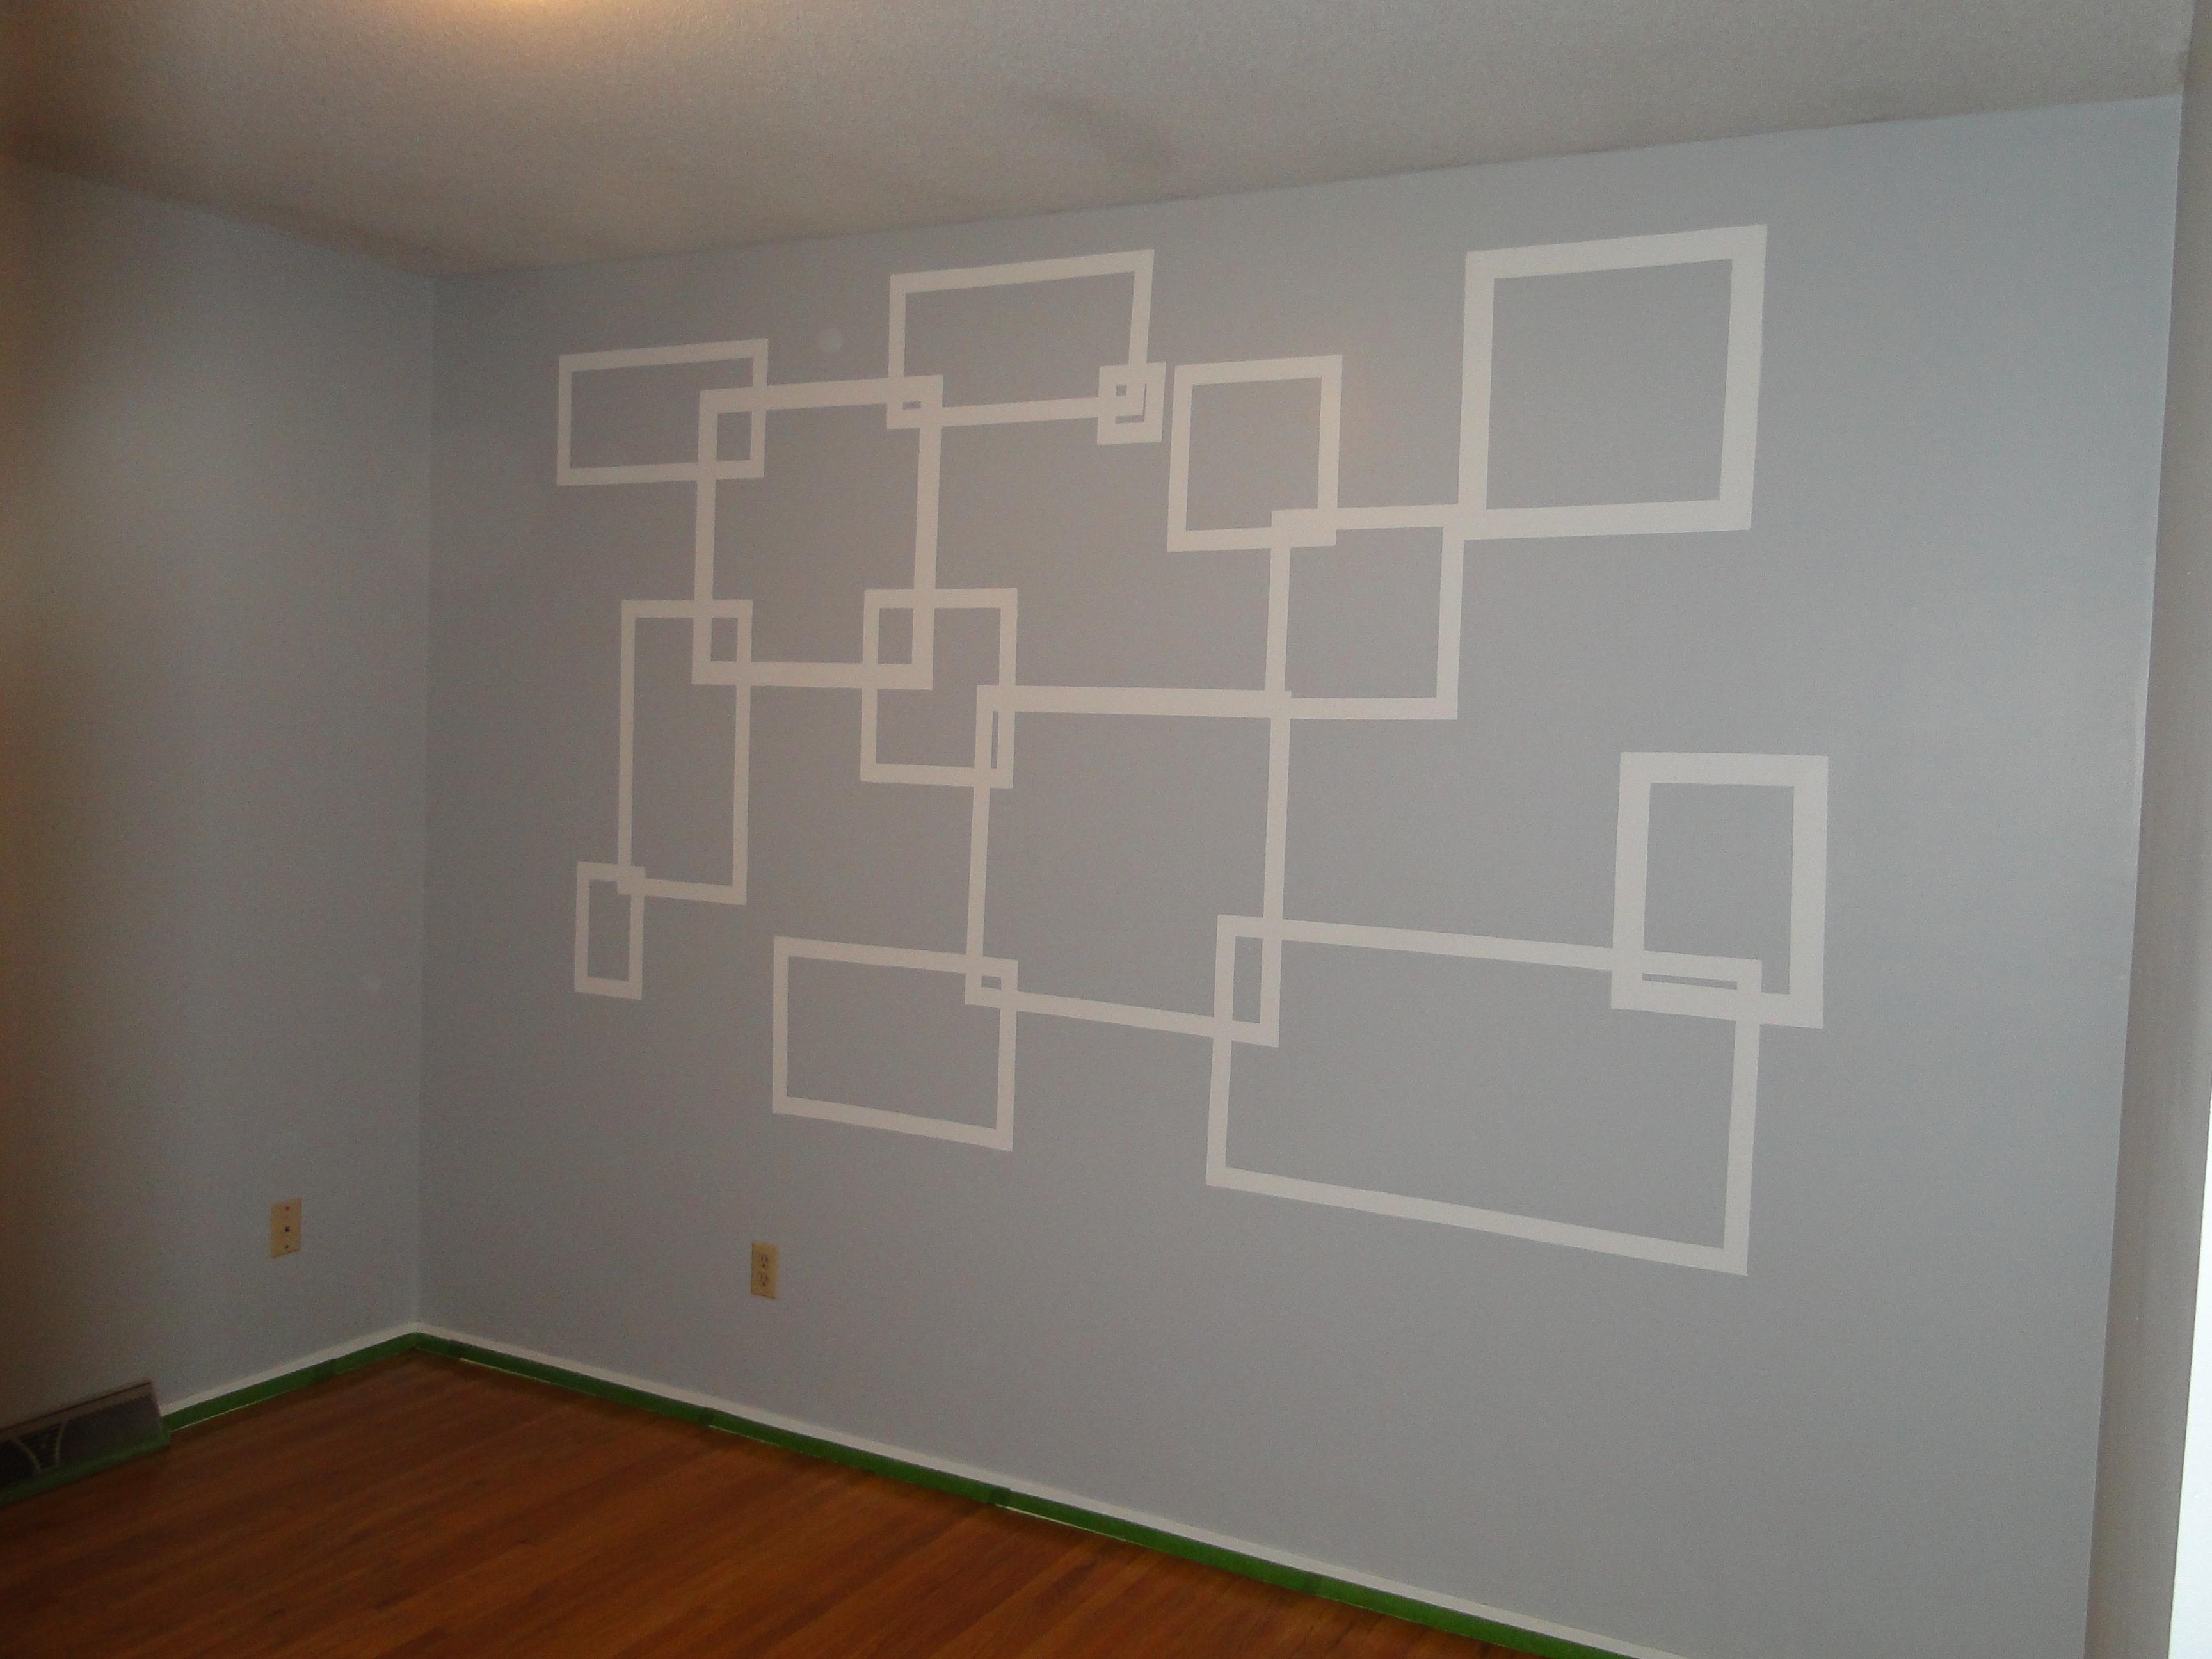 design my living room color scheme tropical decor paint, paint | mylifeasahouse